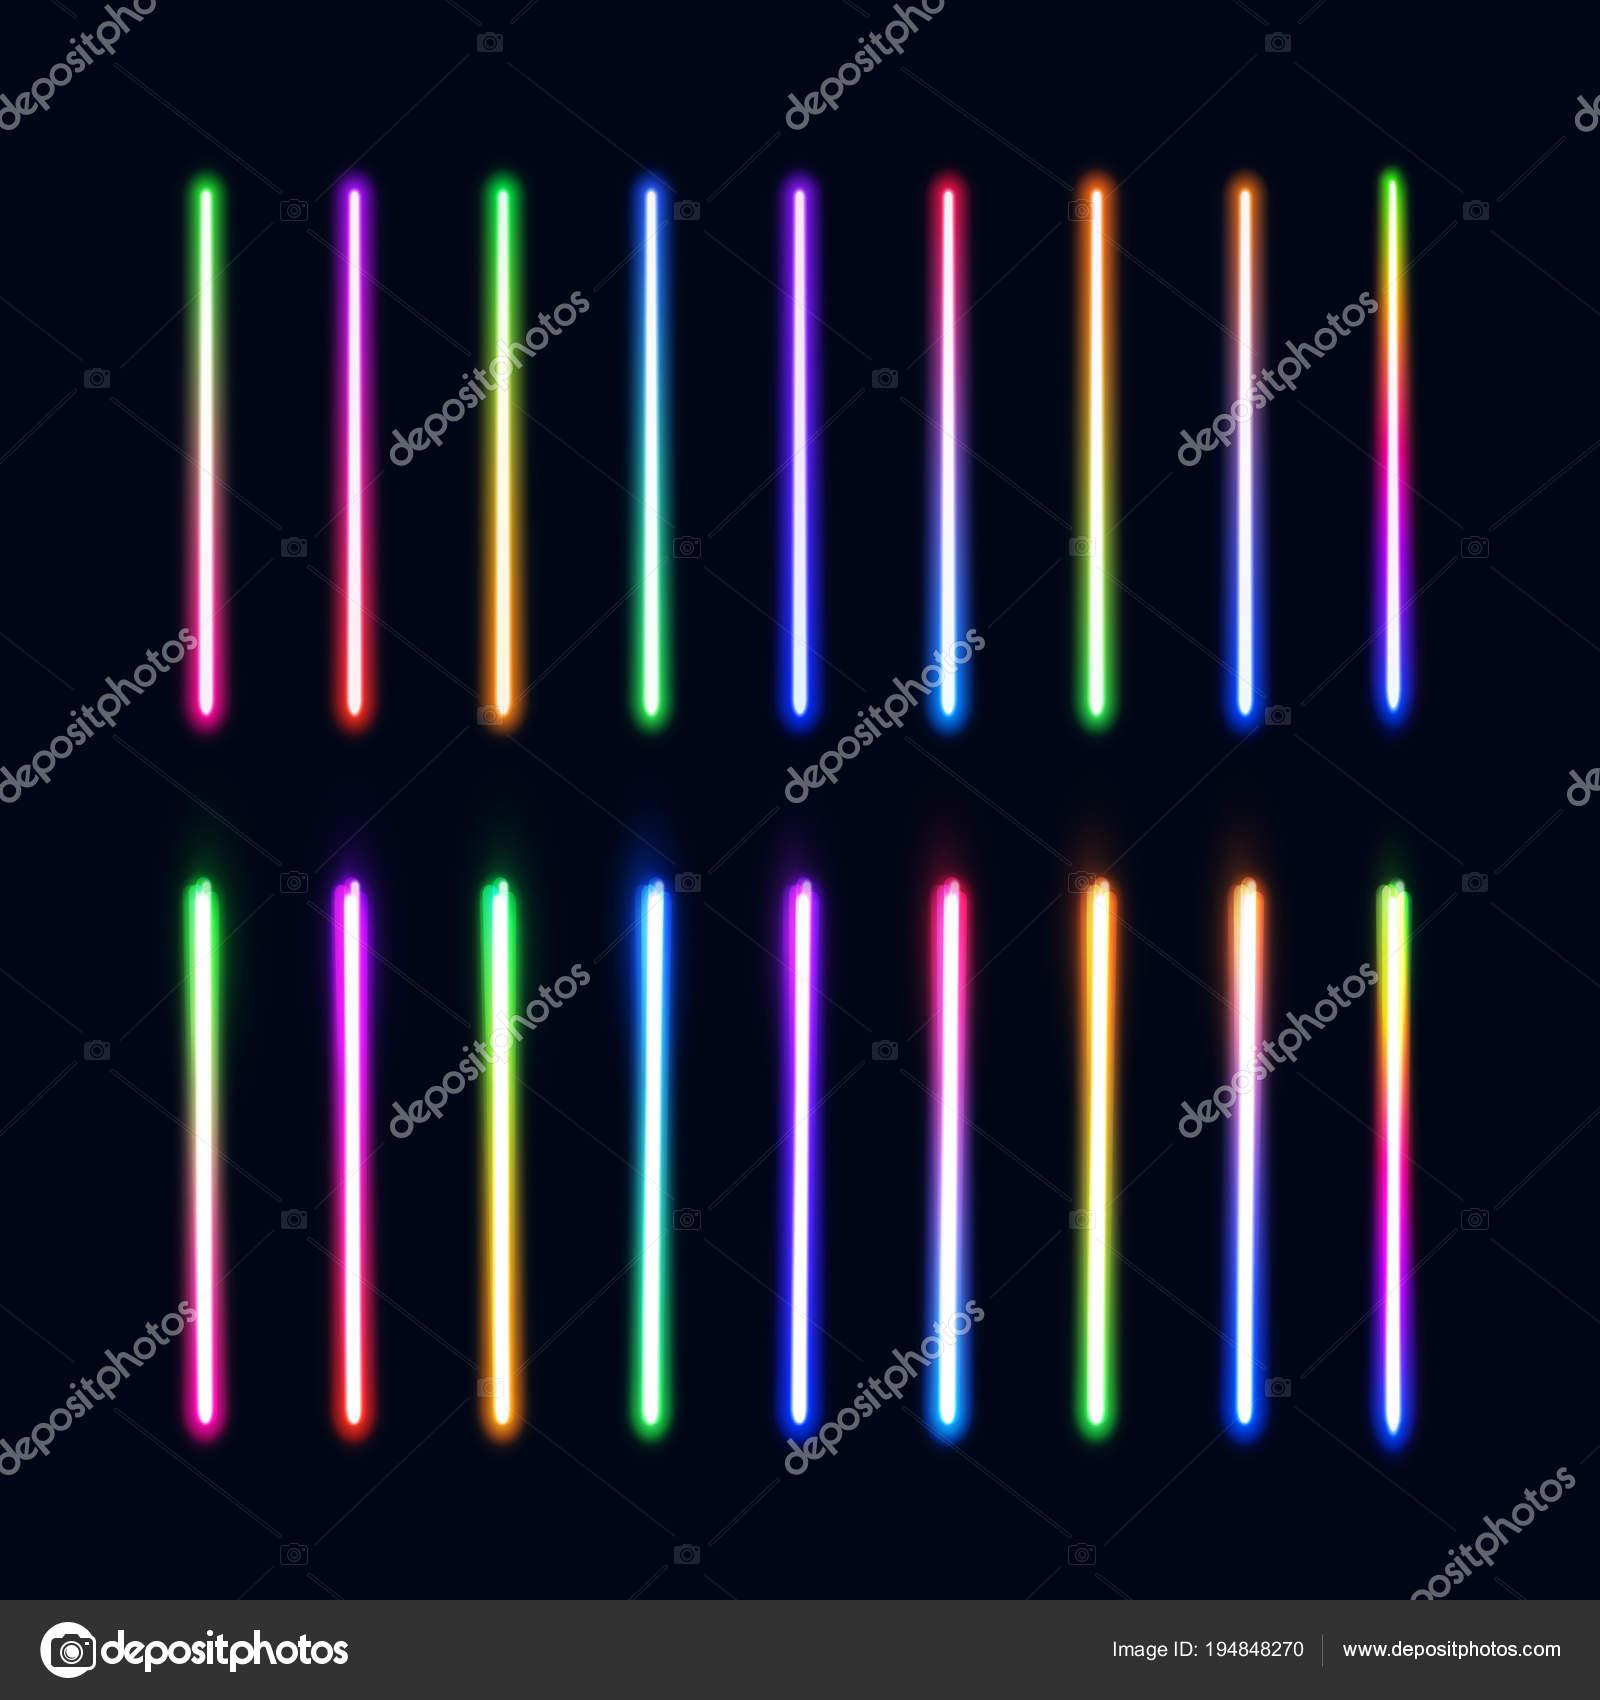 Neonlichter Rohre Gesetzt Bunte Leuchtende Linien Sammlung Auf